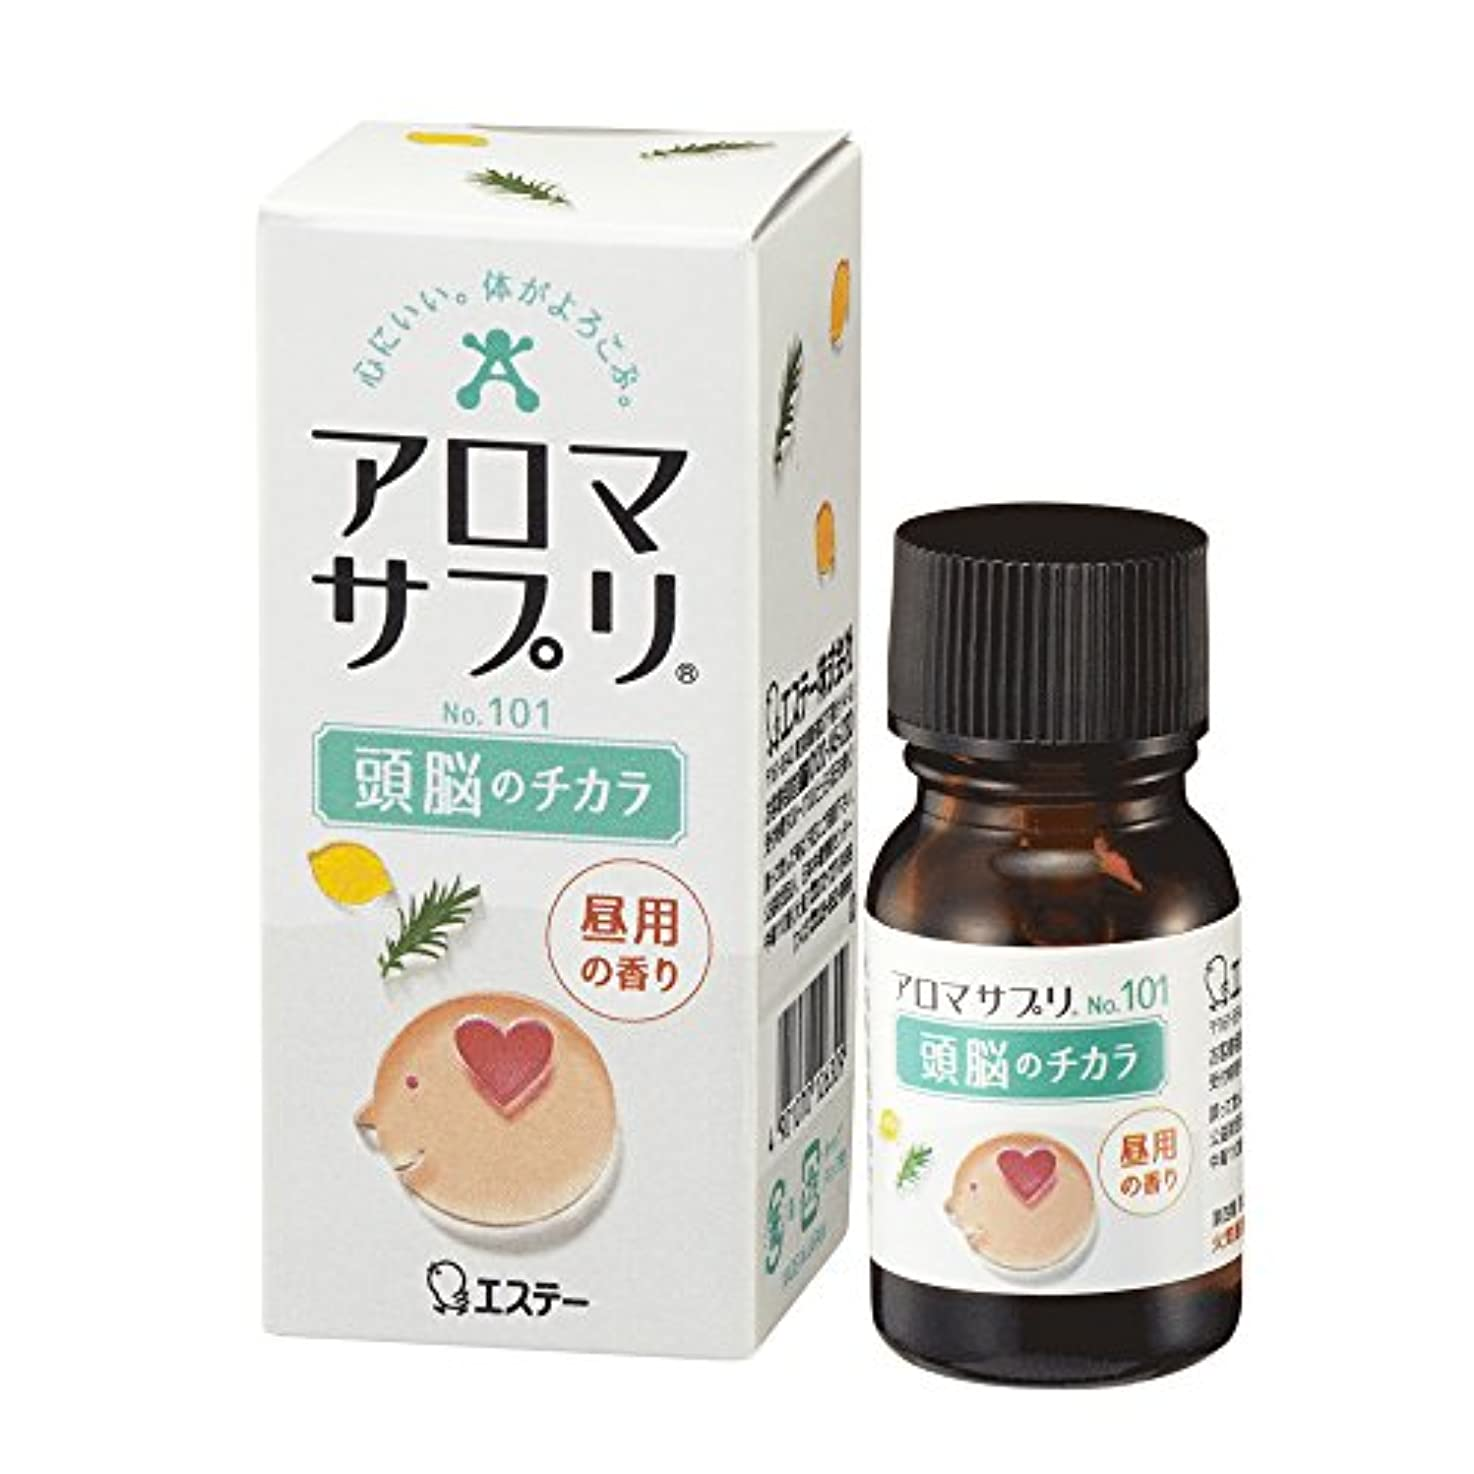 仕える生産的北西アロマサプリ 100%天然ブレンドアロマ 頭脳のチカラ 昼用の香り ローズマリーカンファー&レモン 10ml (約60回分)